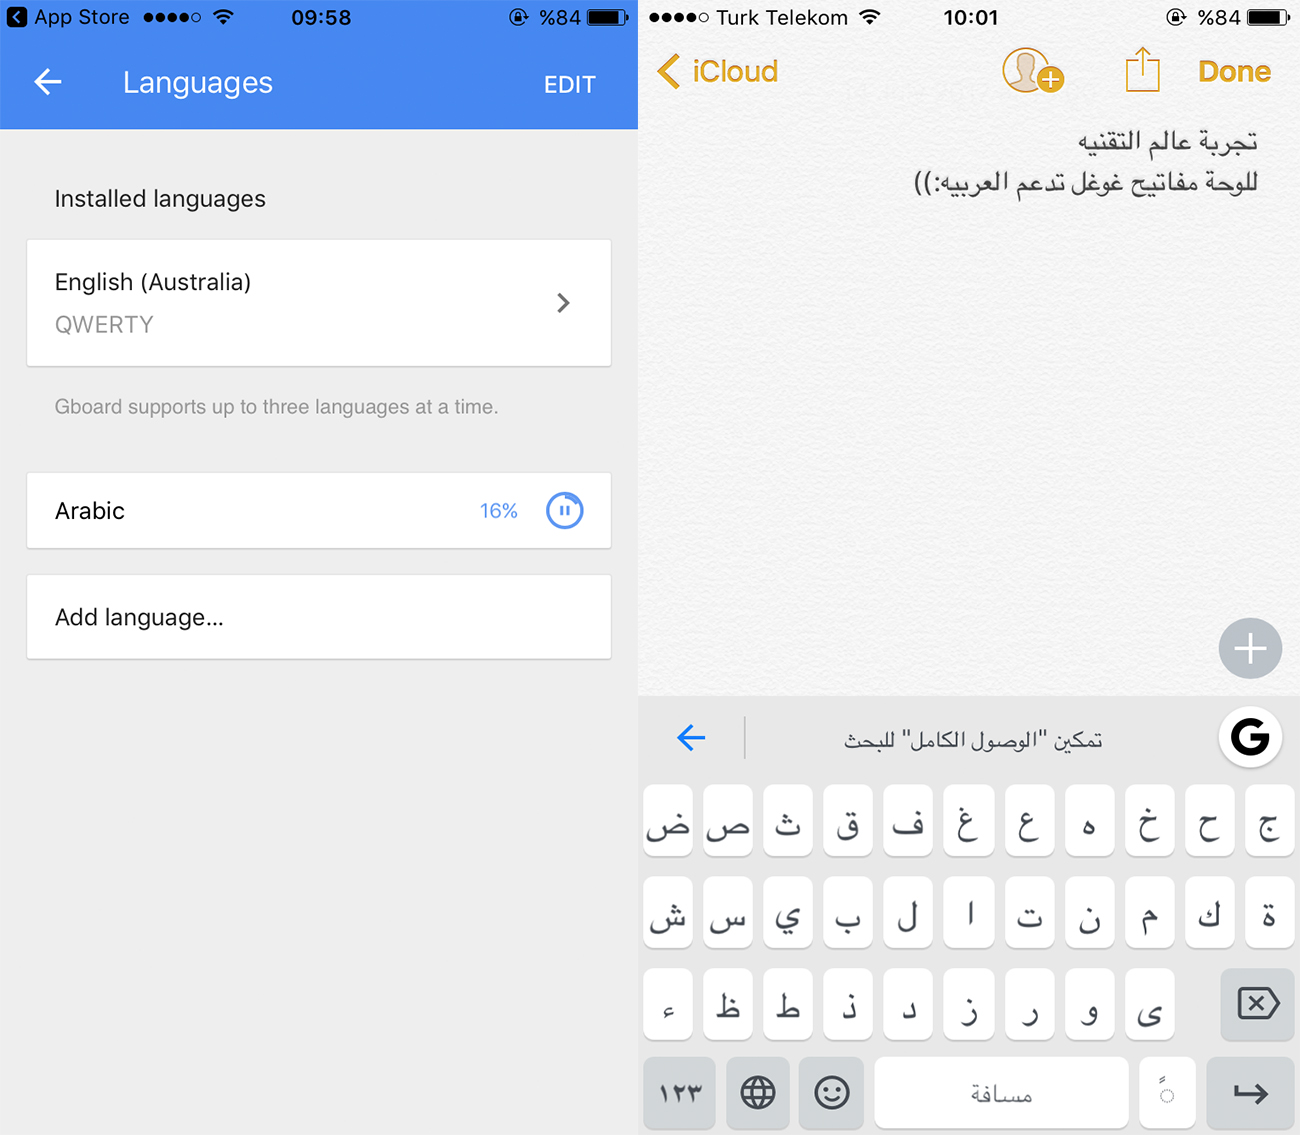 لوحة مفاتيح  جي بورد  Gboard من غوغل تدعم اللغة العربية على آيفون